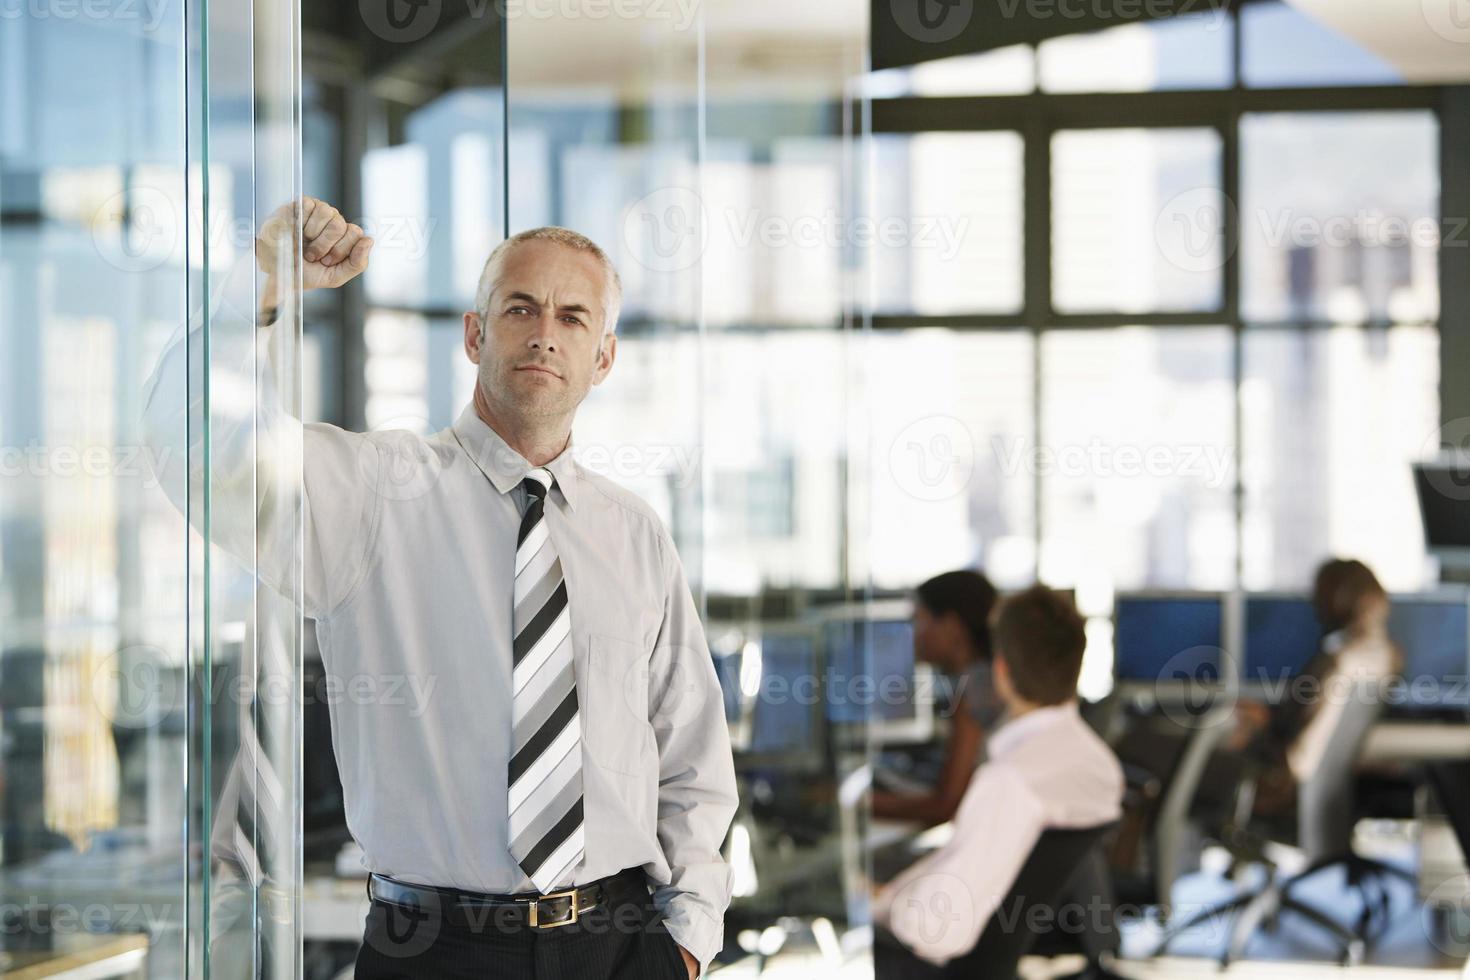 homme d'affaires confiant s'appuyant sur la porte en verre photo